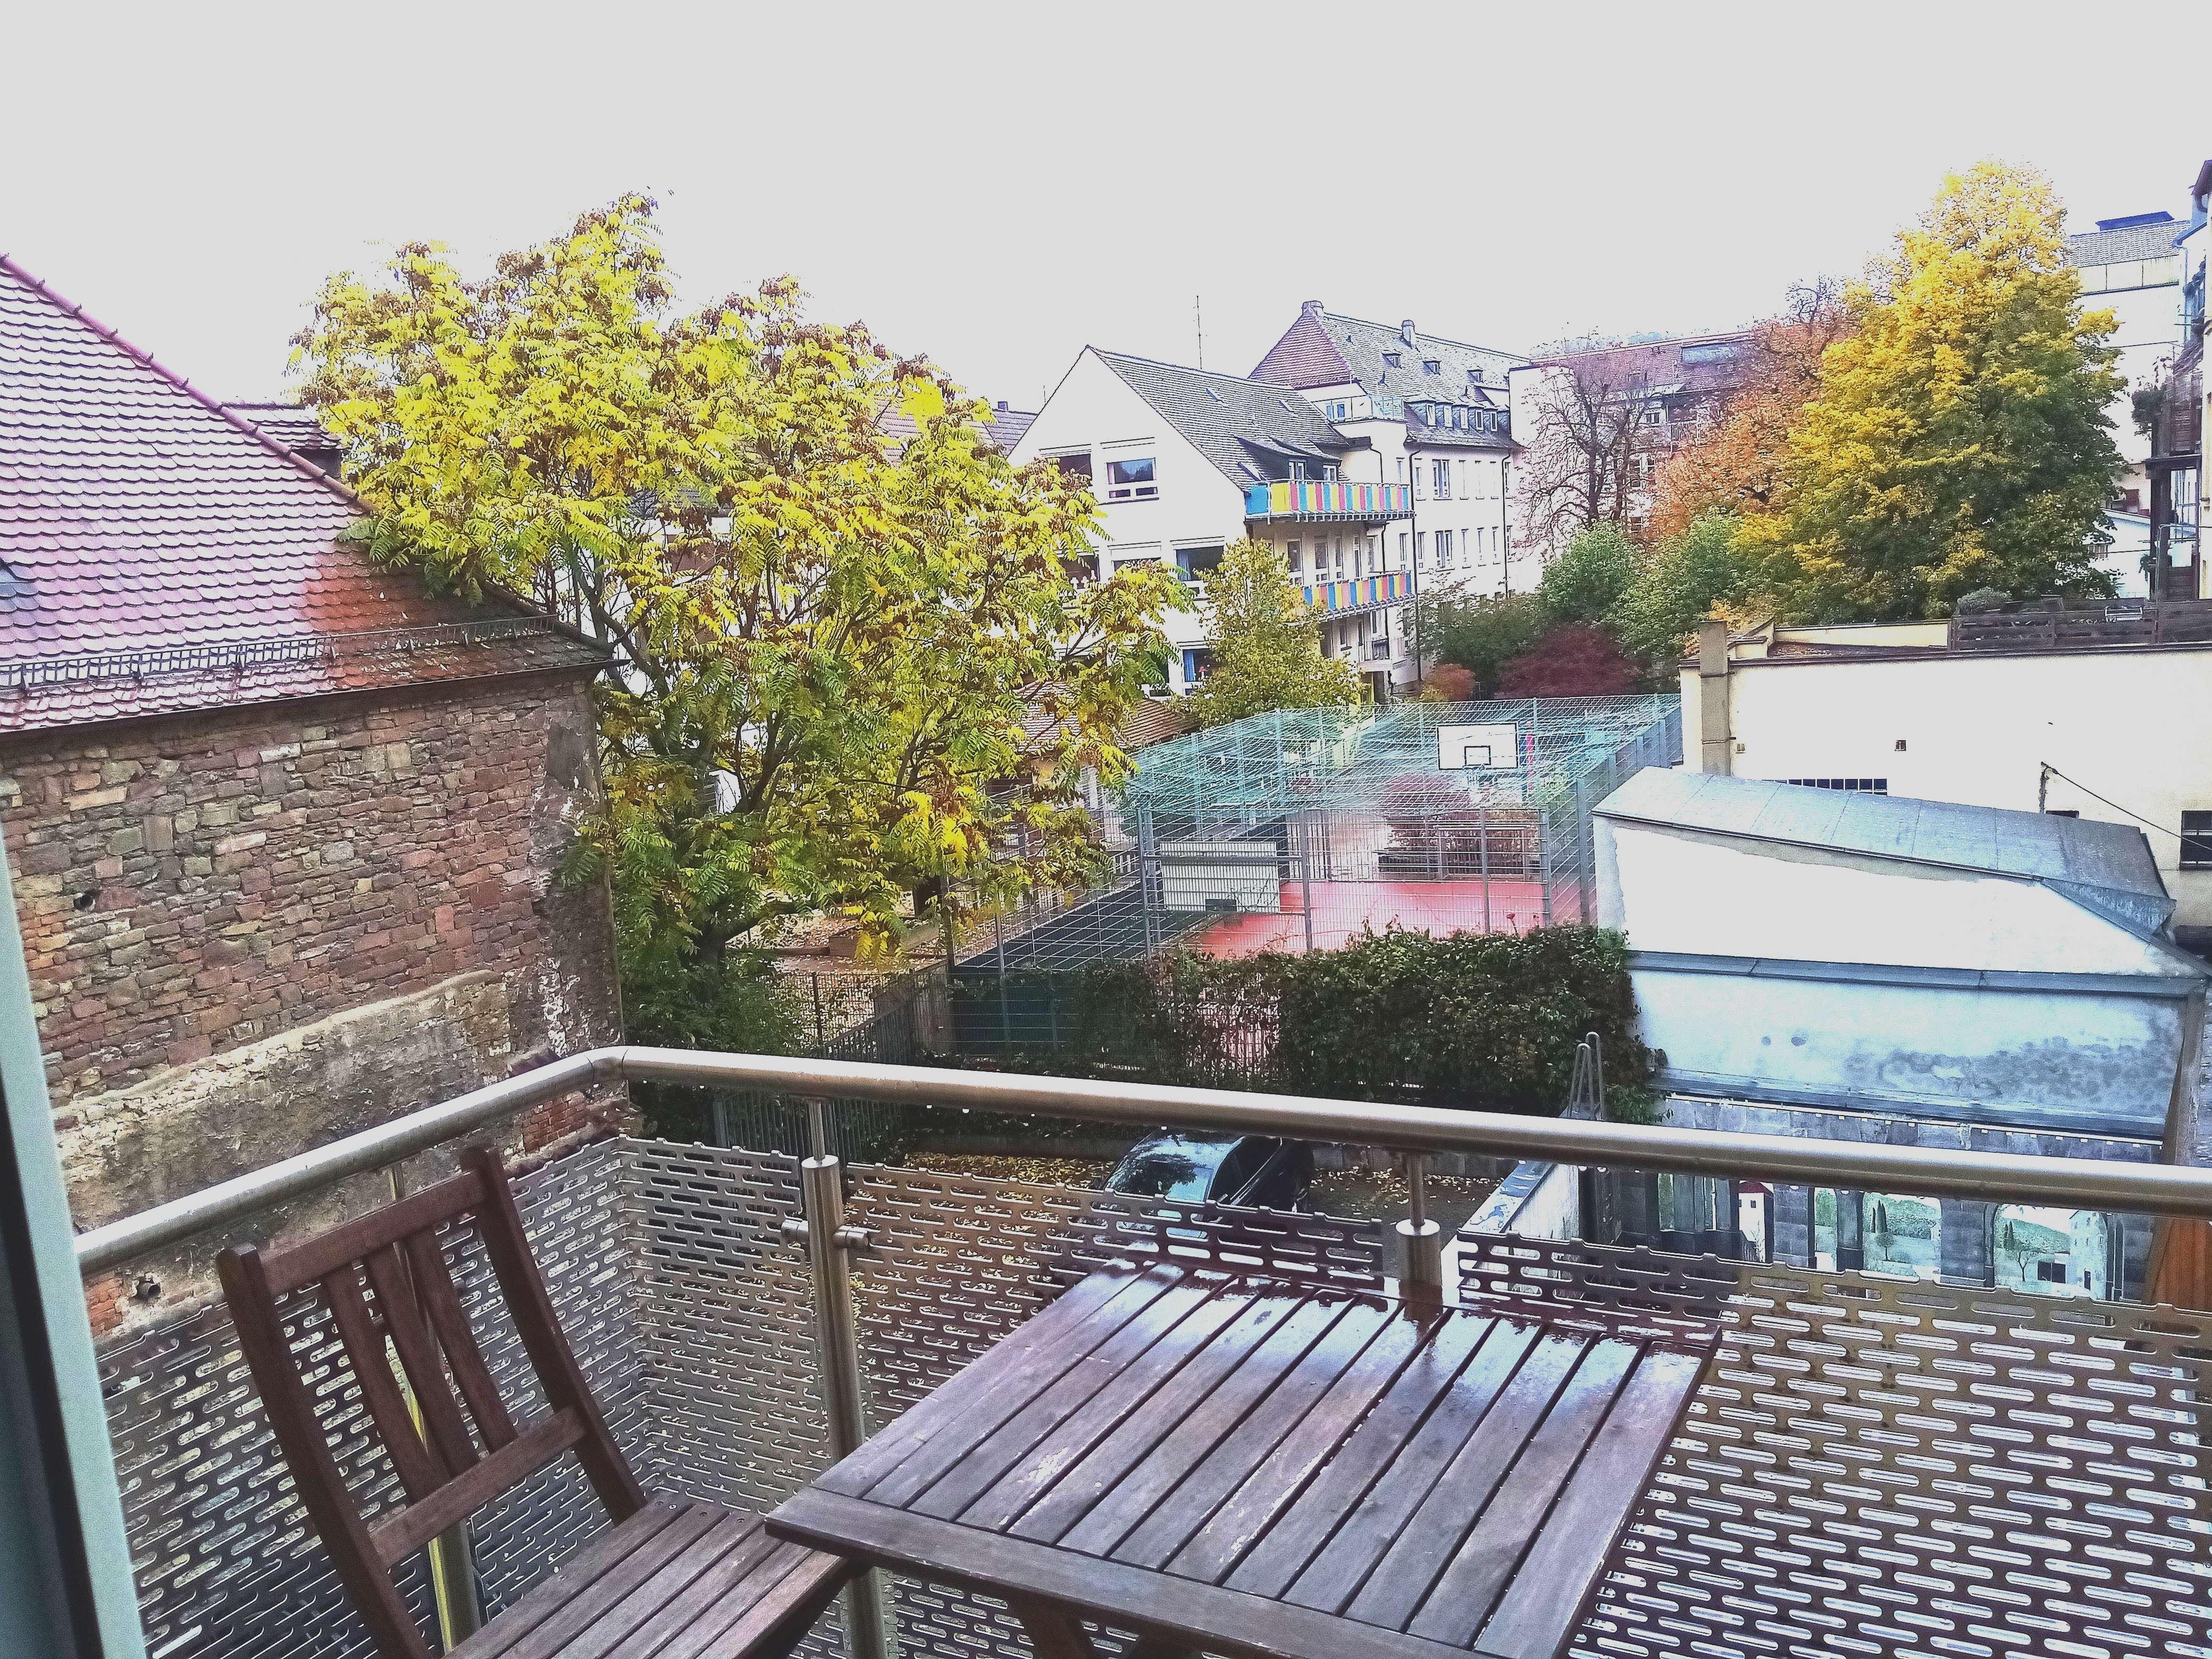 Helle 2 Zimmer Wohnung mit Balkon in der Innenstadt in Innere Pleich (Würzburg)